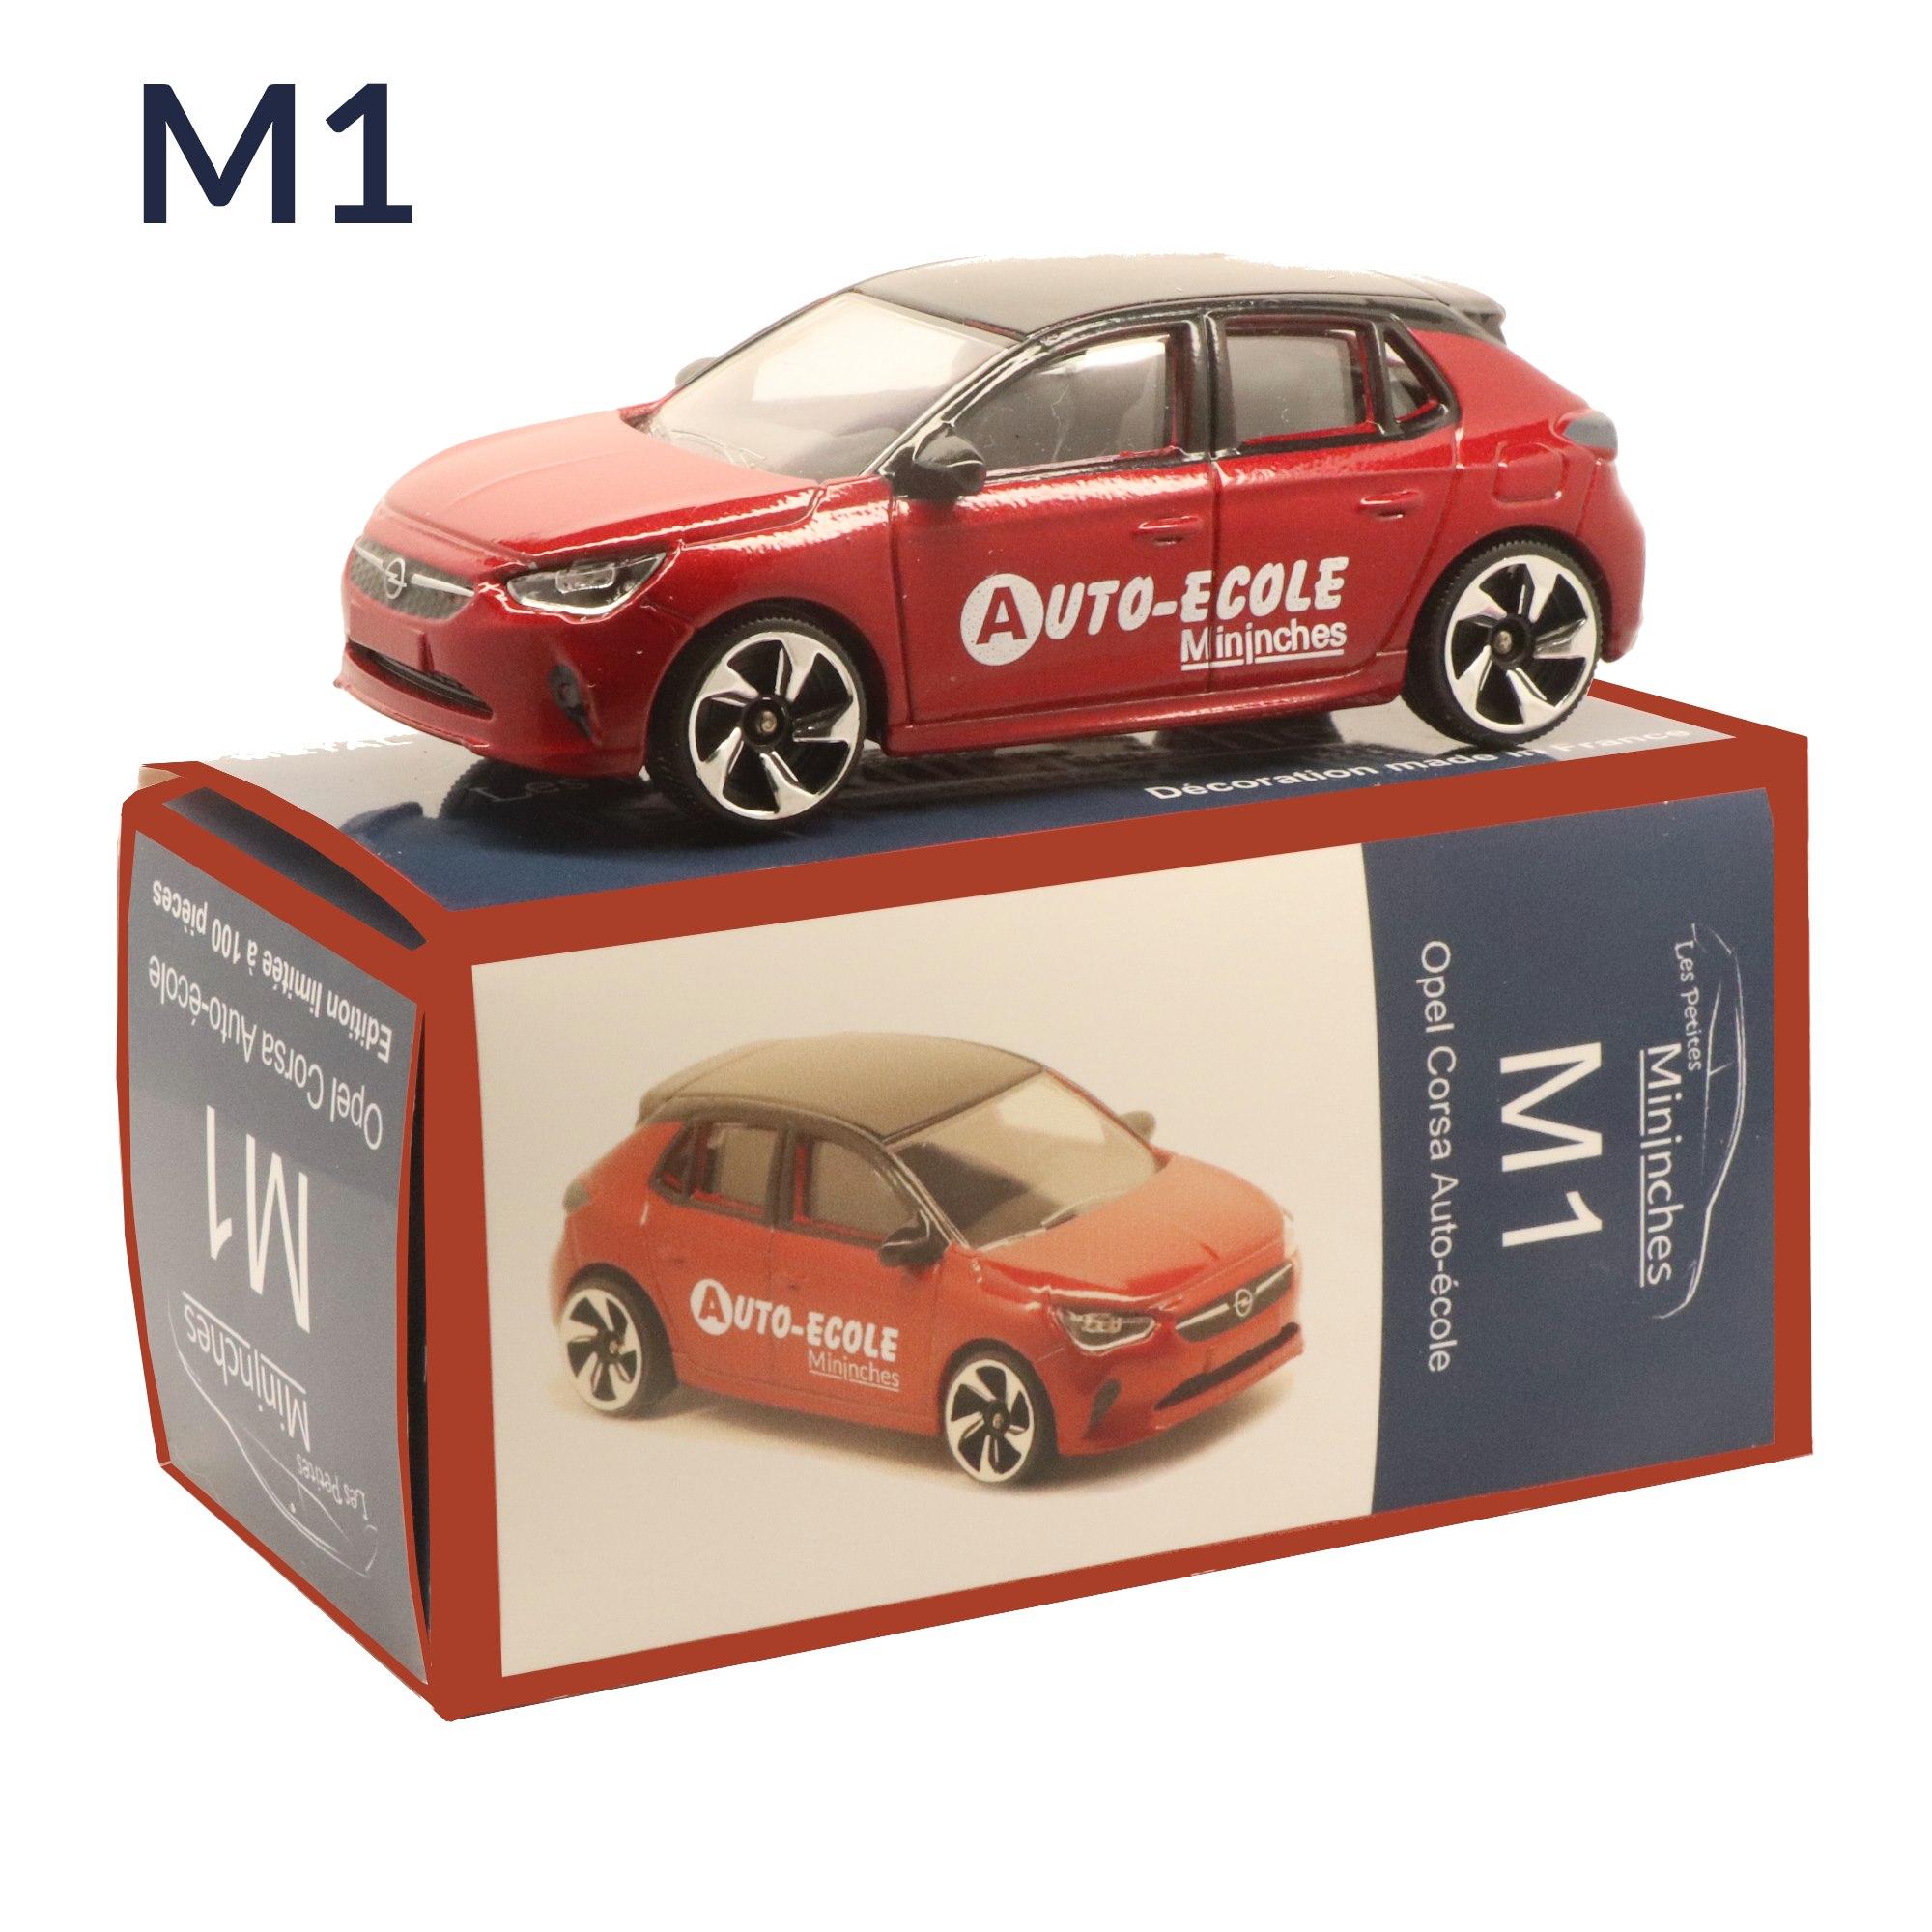 M1 Opel Corsa Auto-école Les Petites Mininches